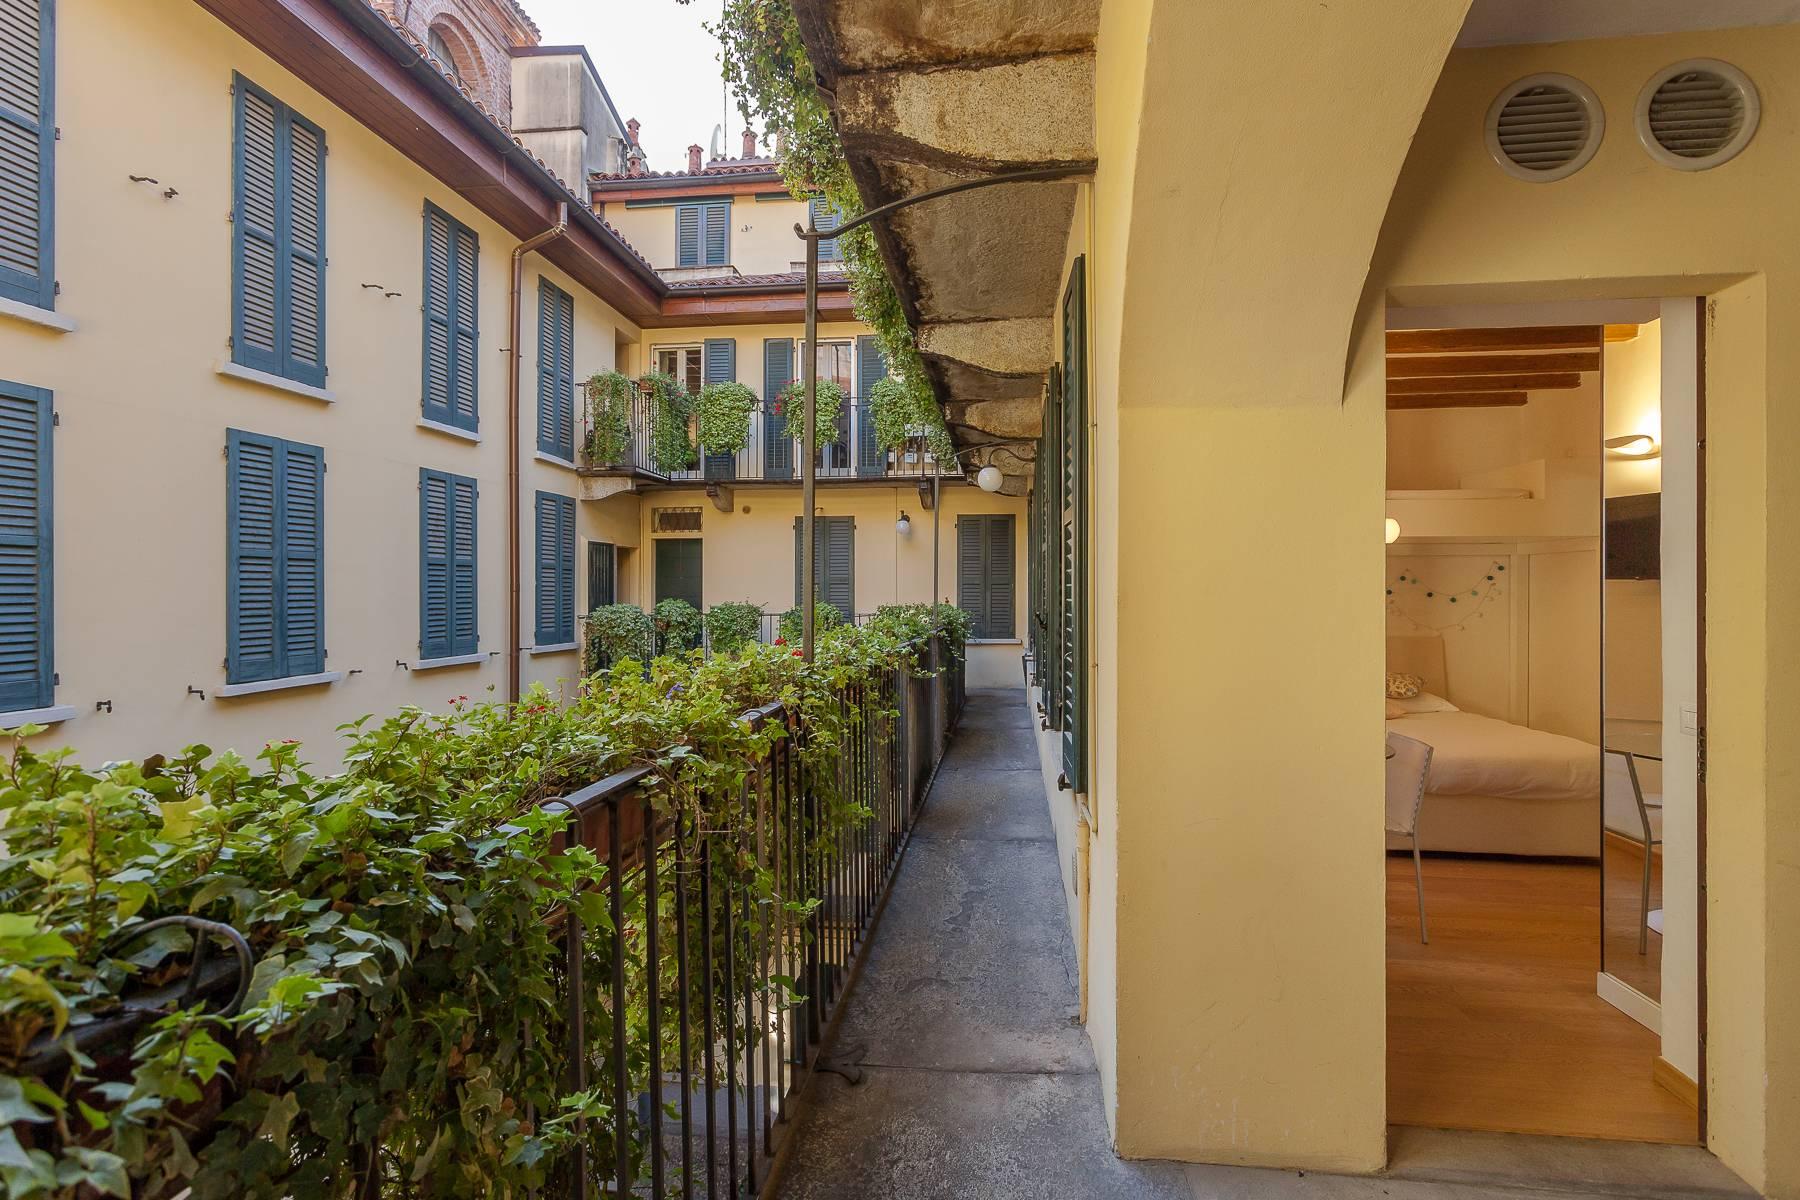 Appartamento in Affitto a Milano: 1 locali, 30 mq - Foto 1